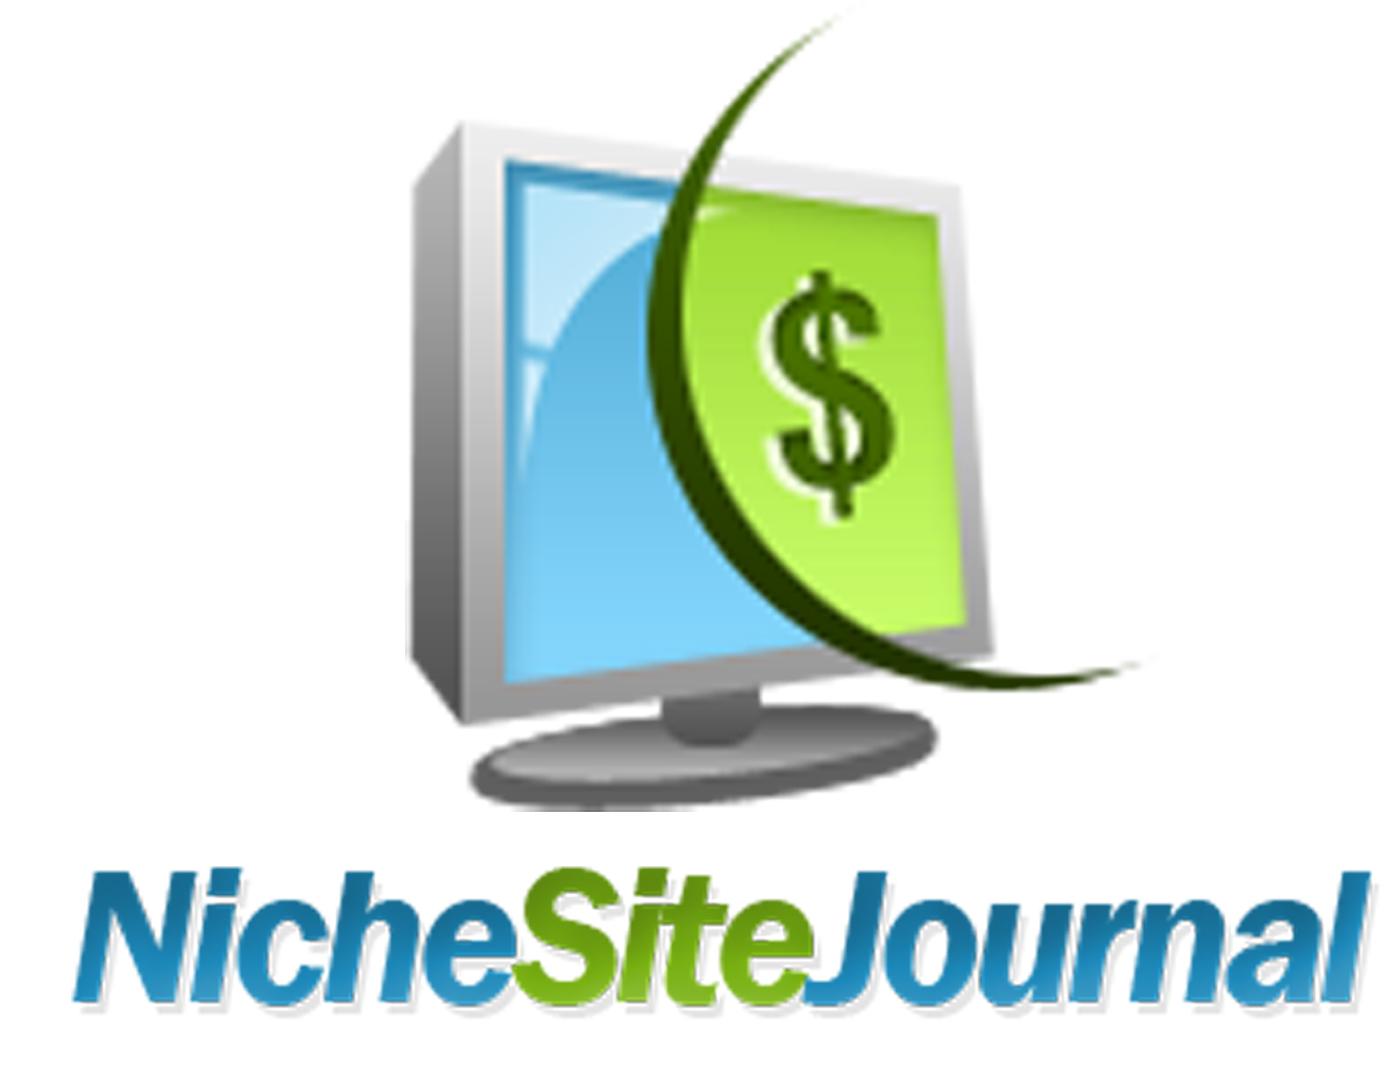 Niche Site Journal